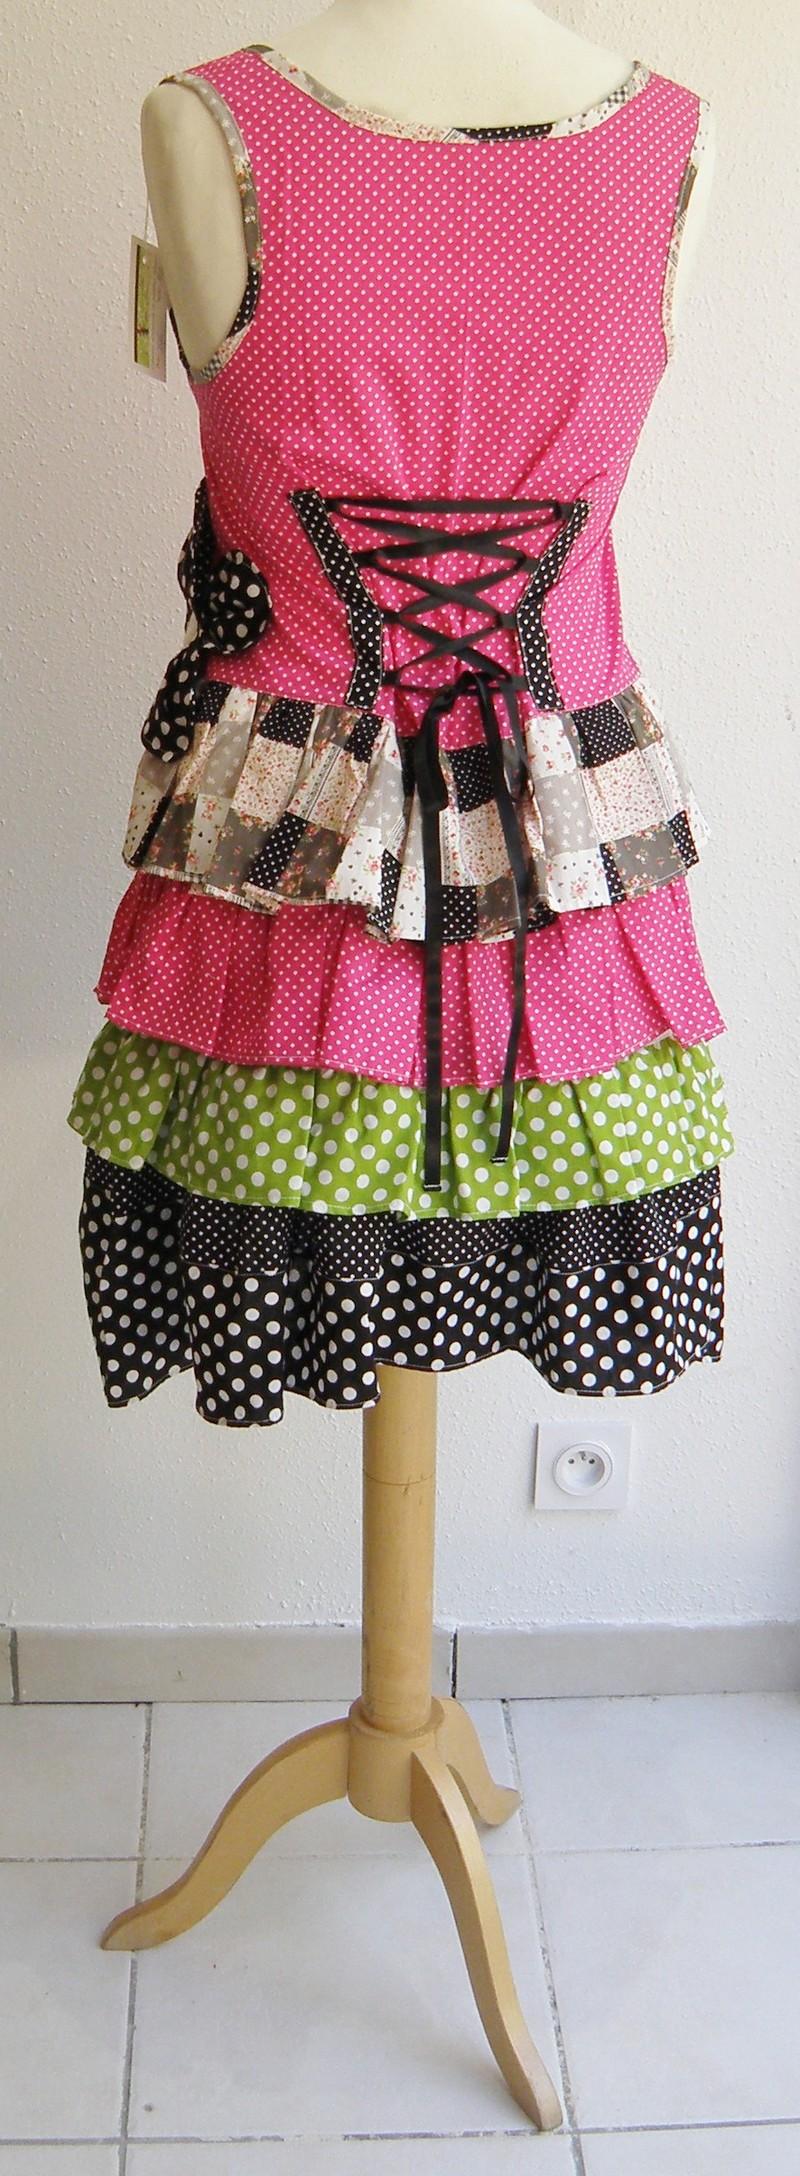 Robe en coton pulpe noir et vert anis T38/40 (015)-3134